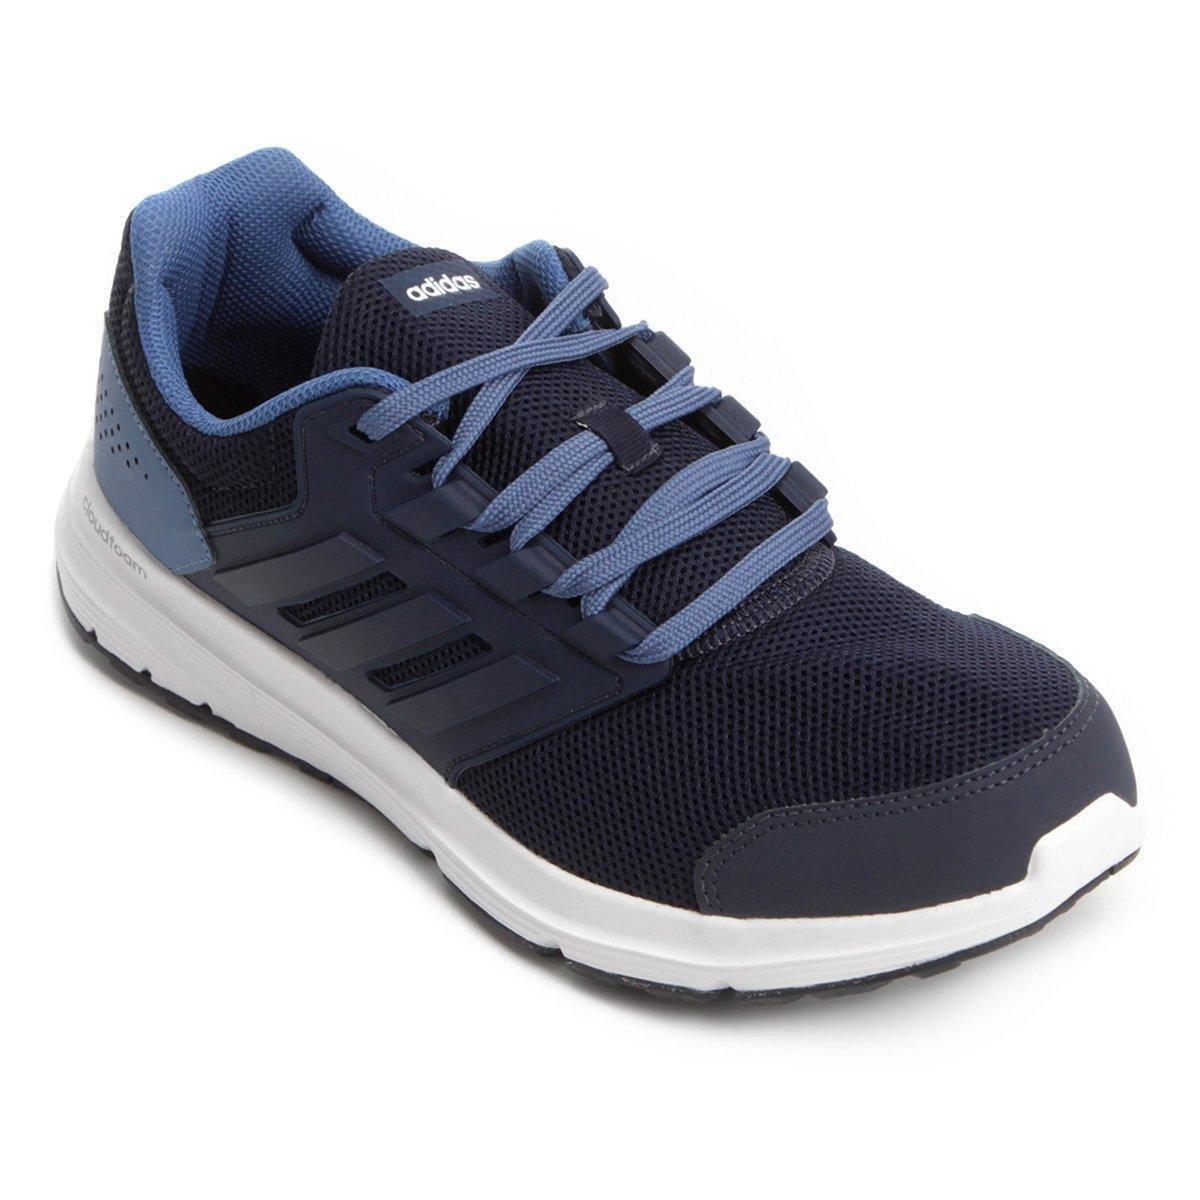 Tênis Adidas Galaxy 4 Masculino - Marinho e Azul - Compre Agora ... 98dc77bcbed0d